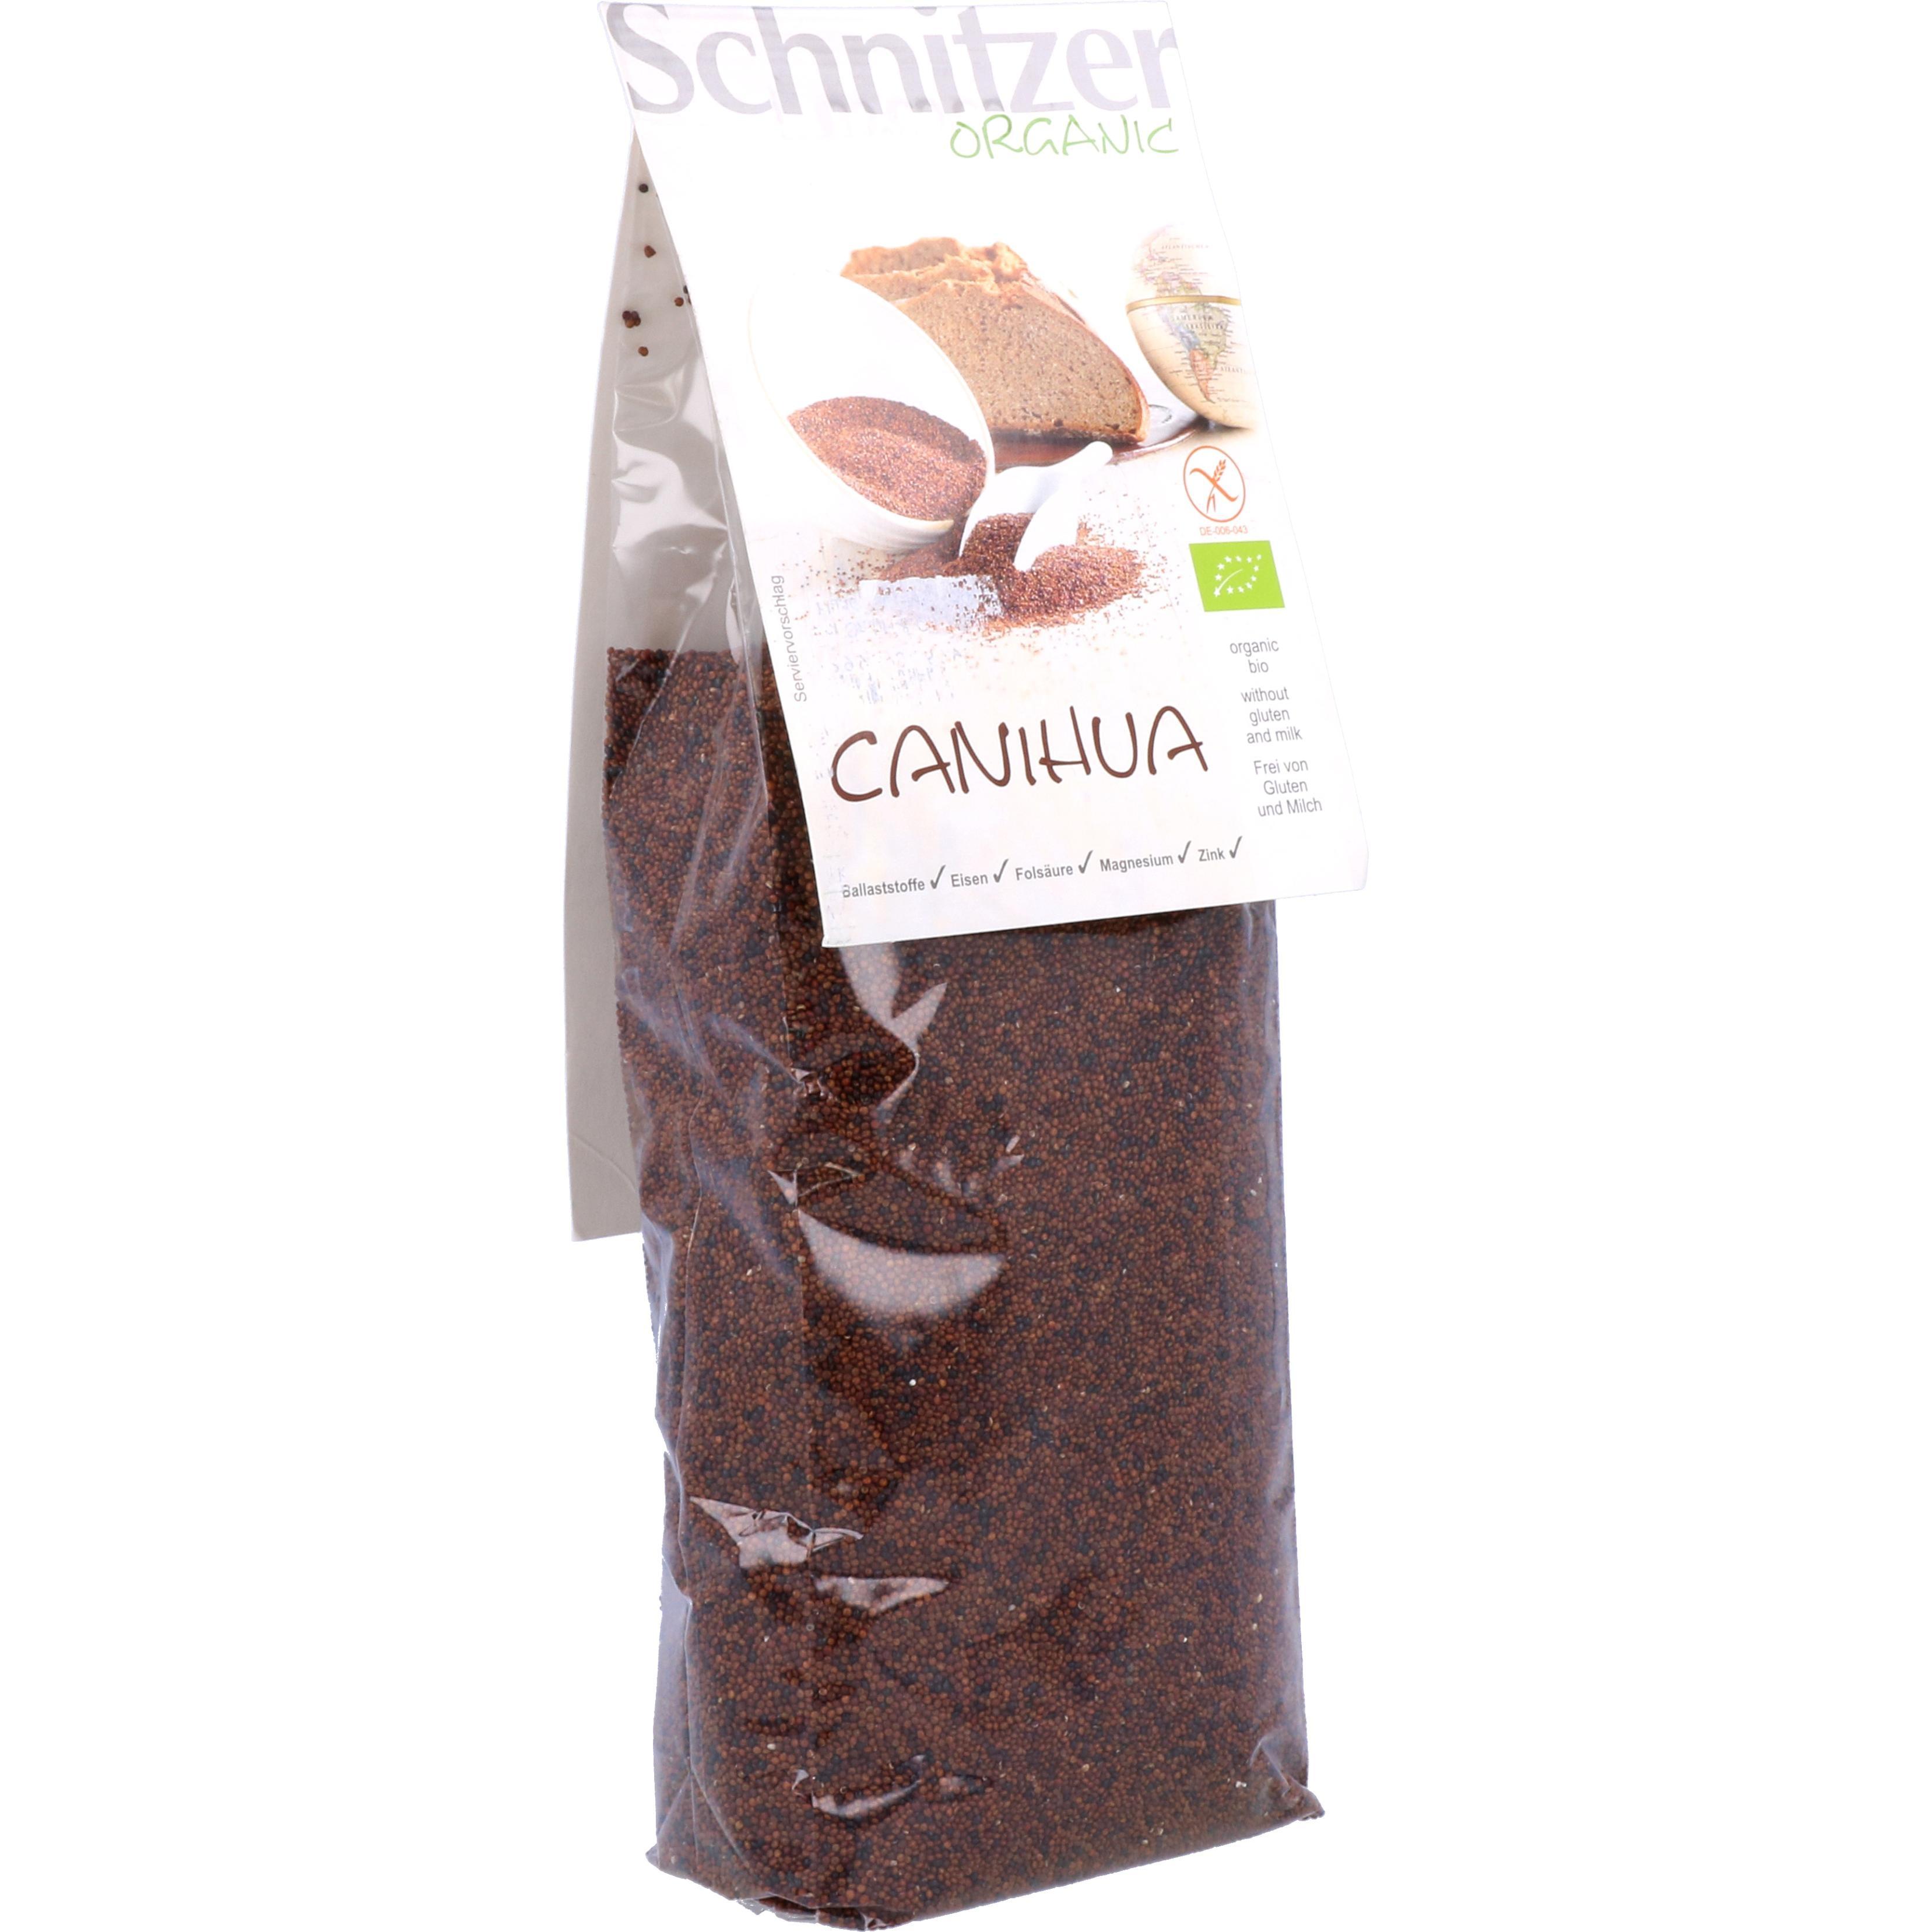 Schnitzer Bio Canihua 500g